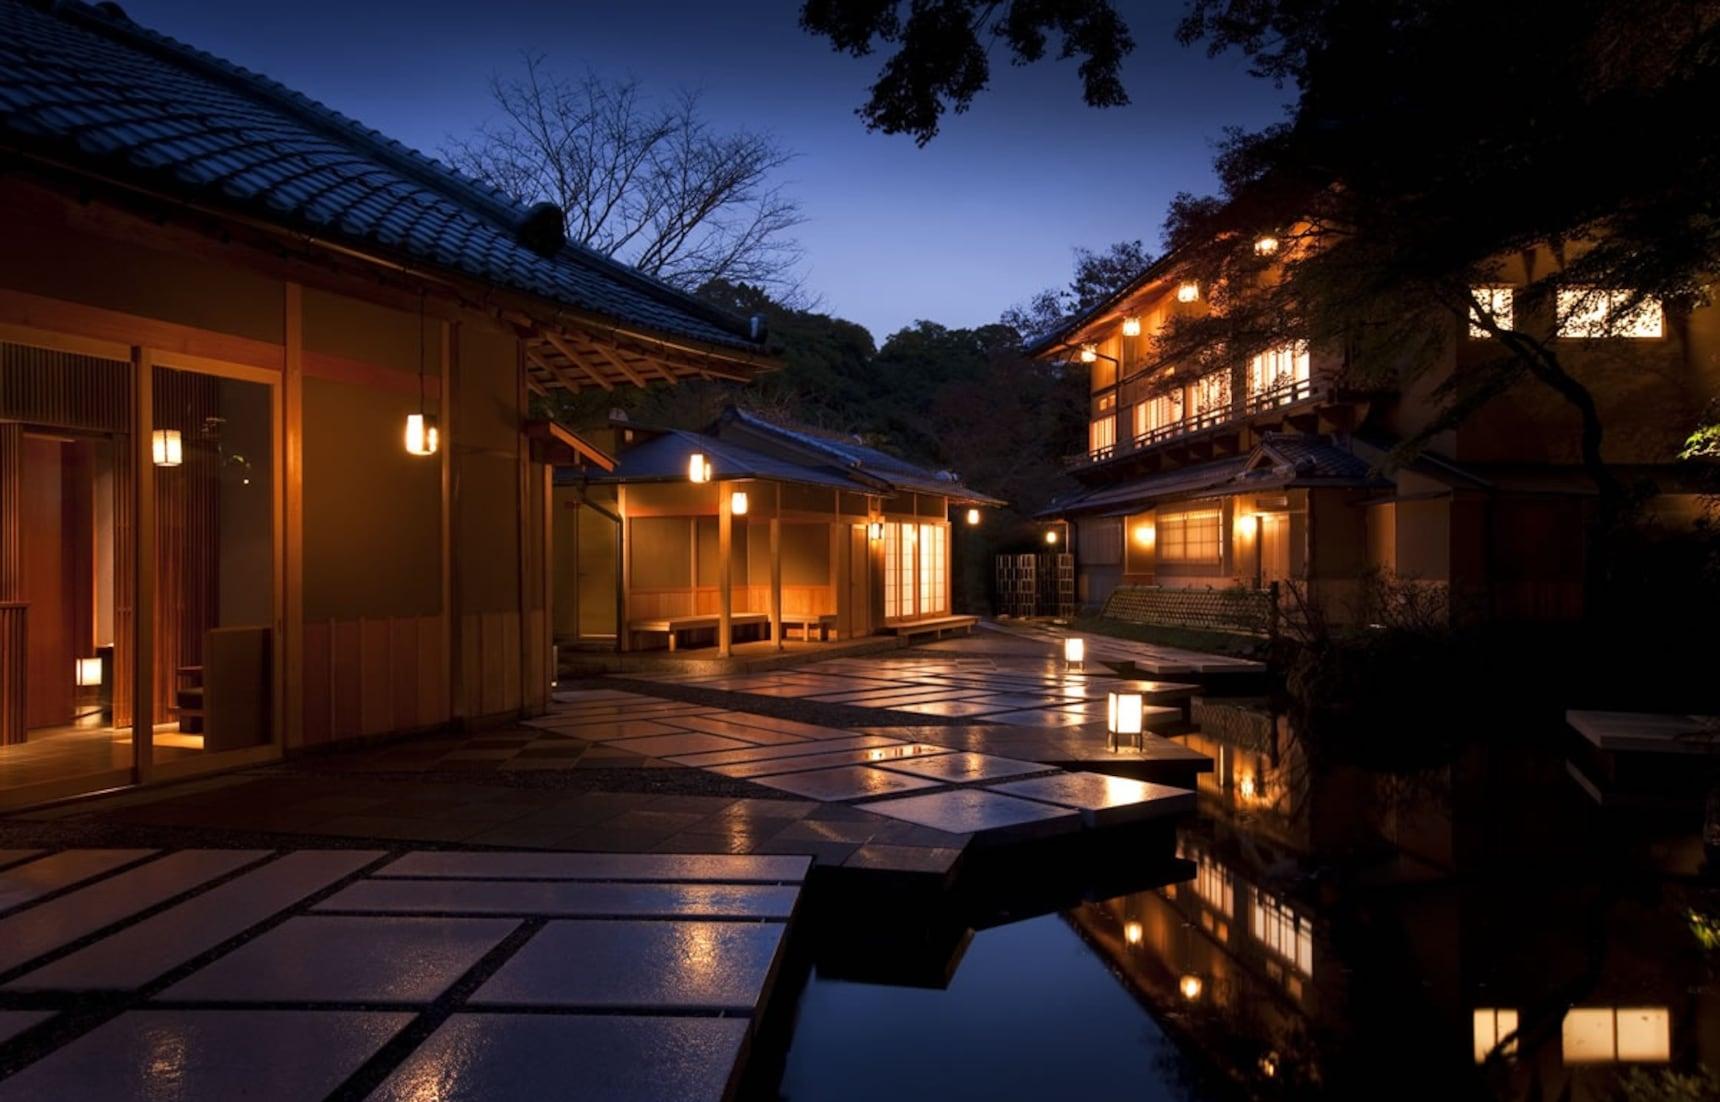 6 เรียวกังบรรยากาศรื่นรมย์ใน Kyoto